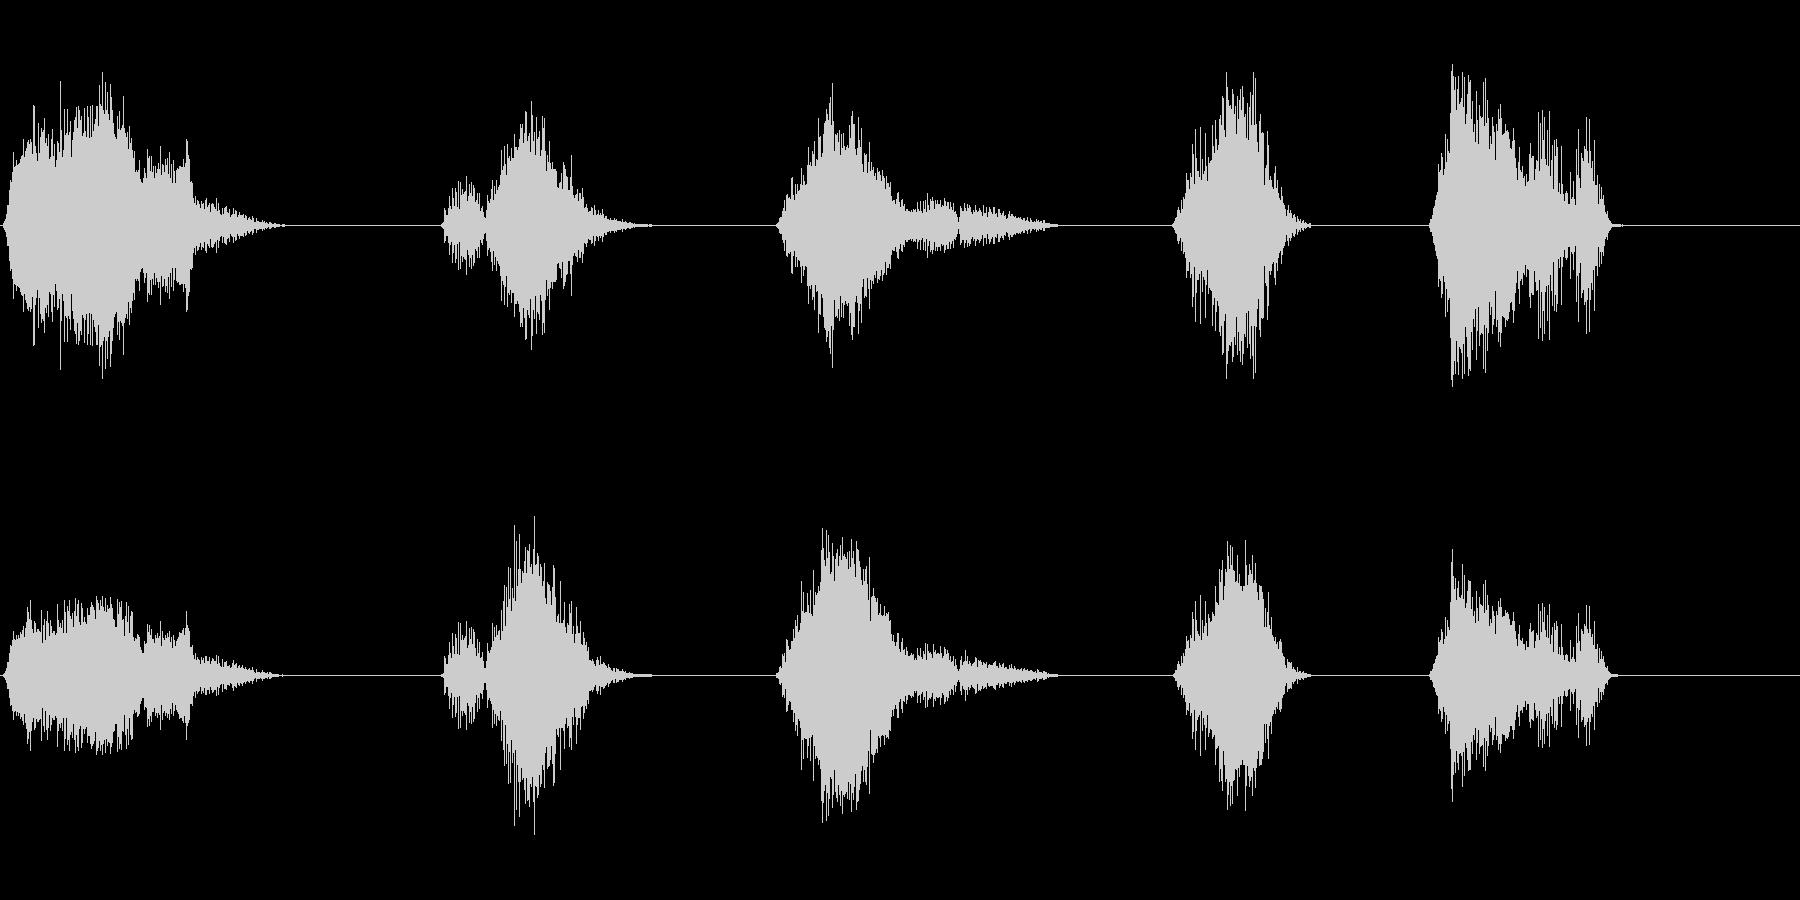 恐竜の叫び;不気味で低く、リバーブ...の未再生の波形